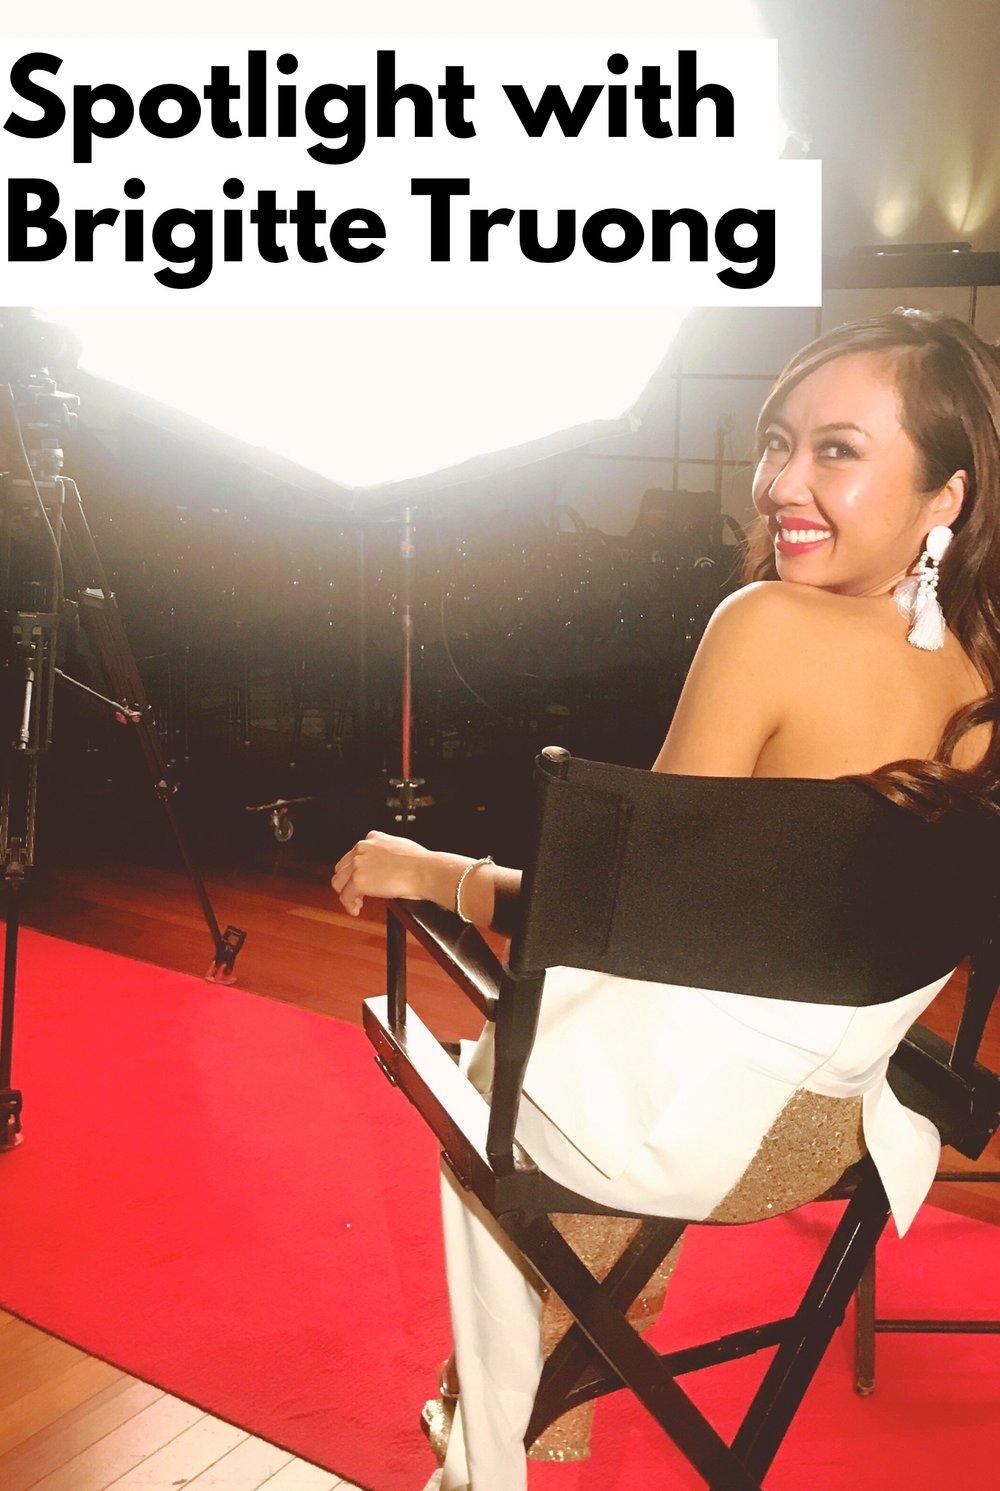 brigitte.truong.spotlight